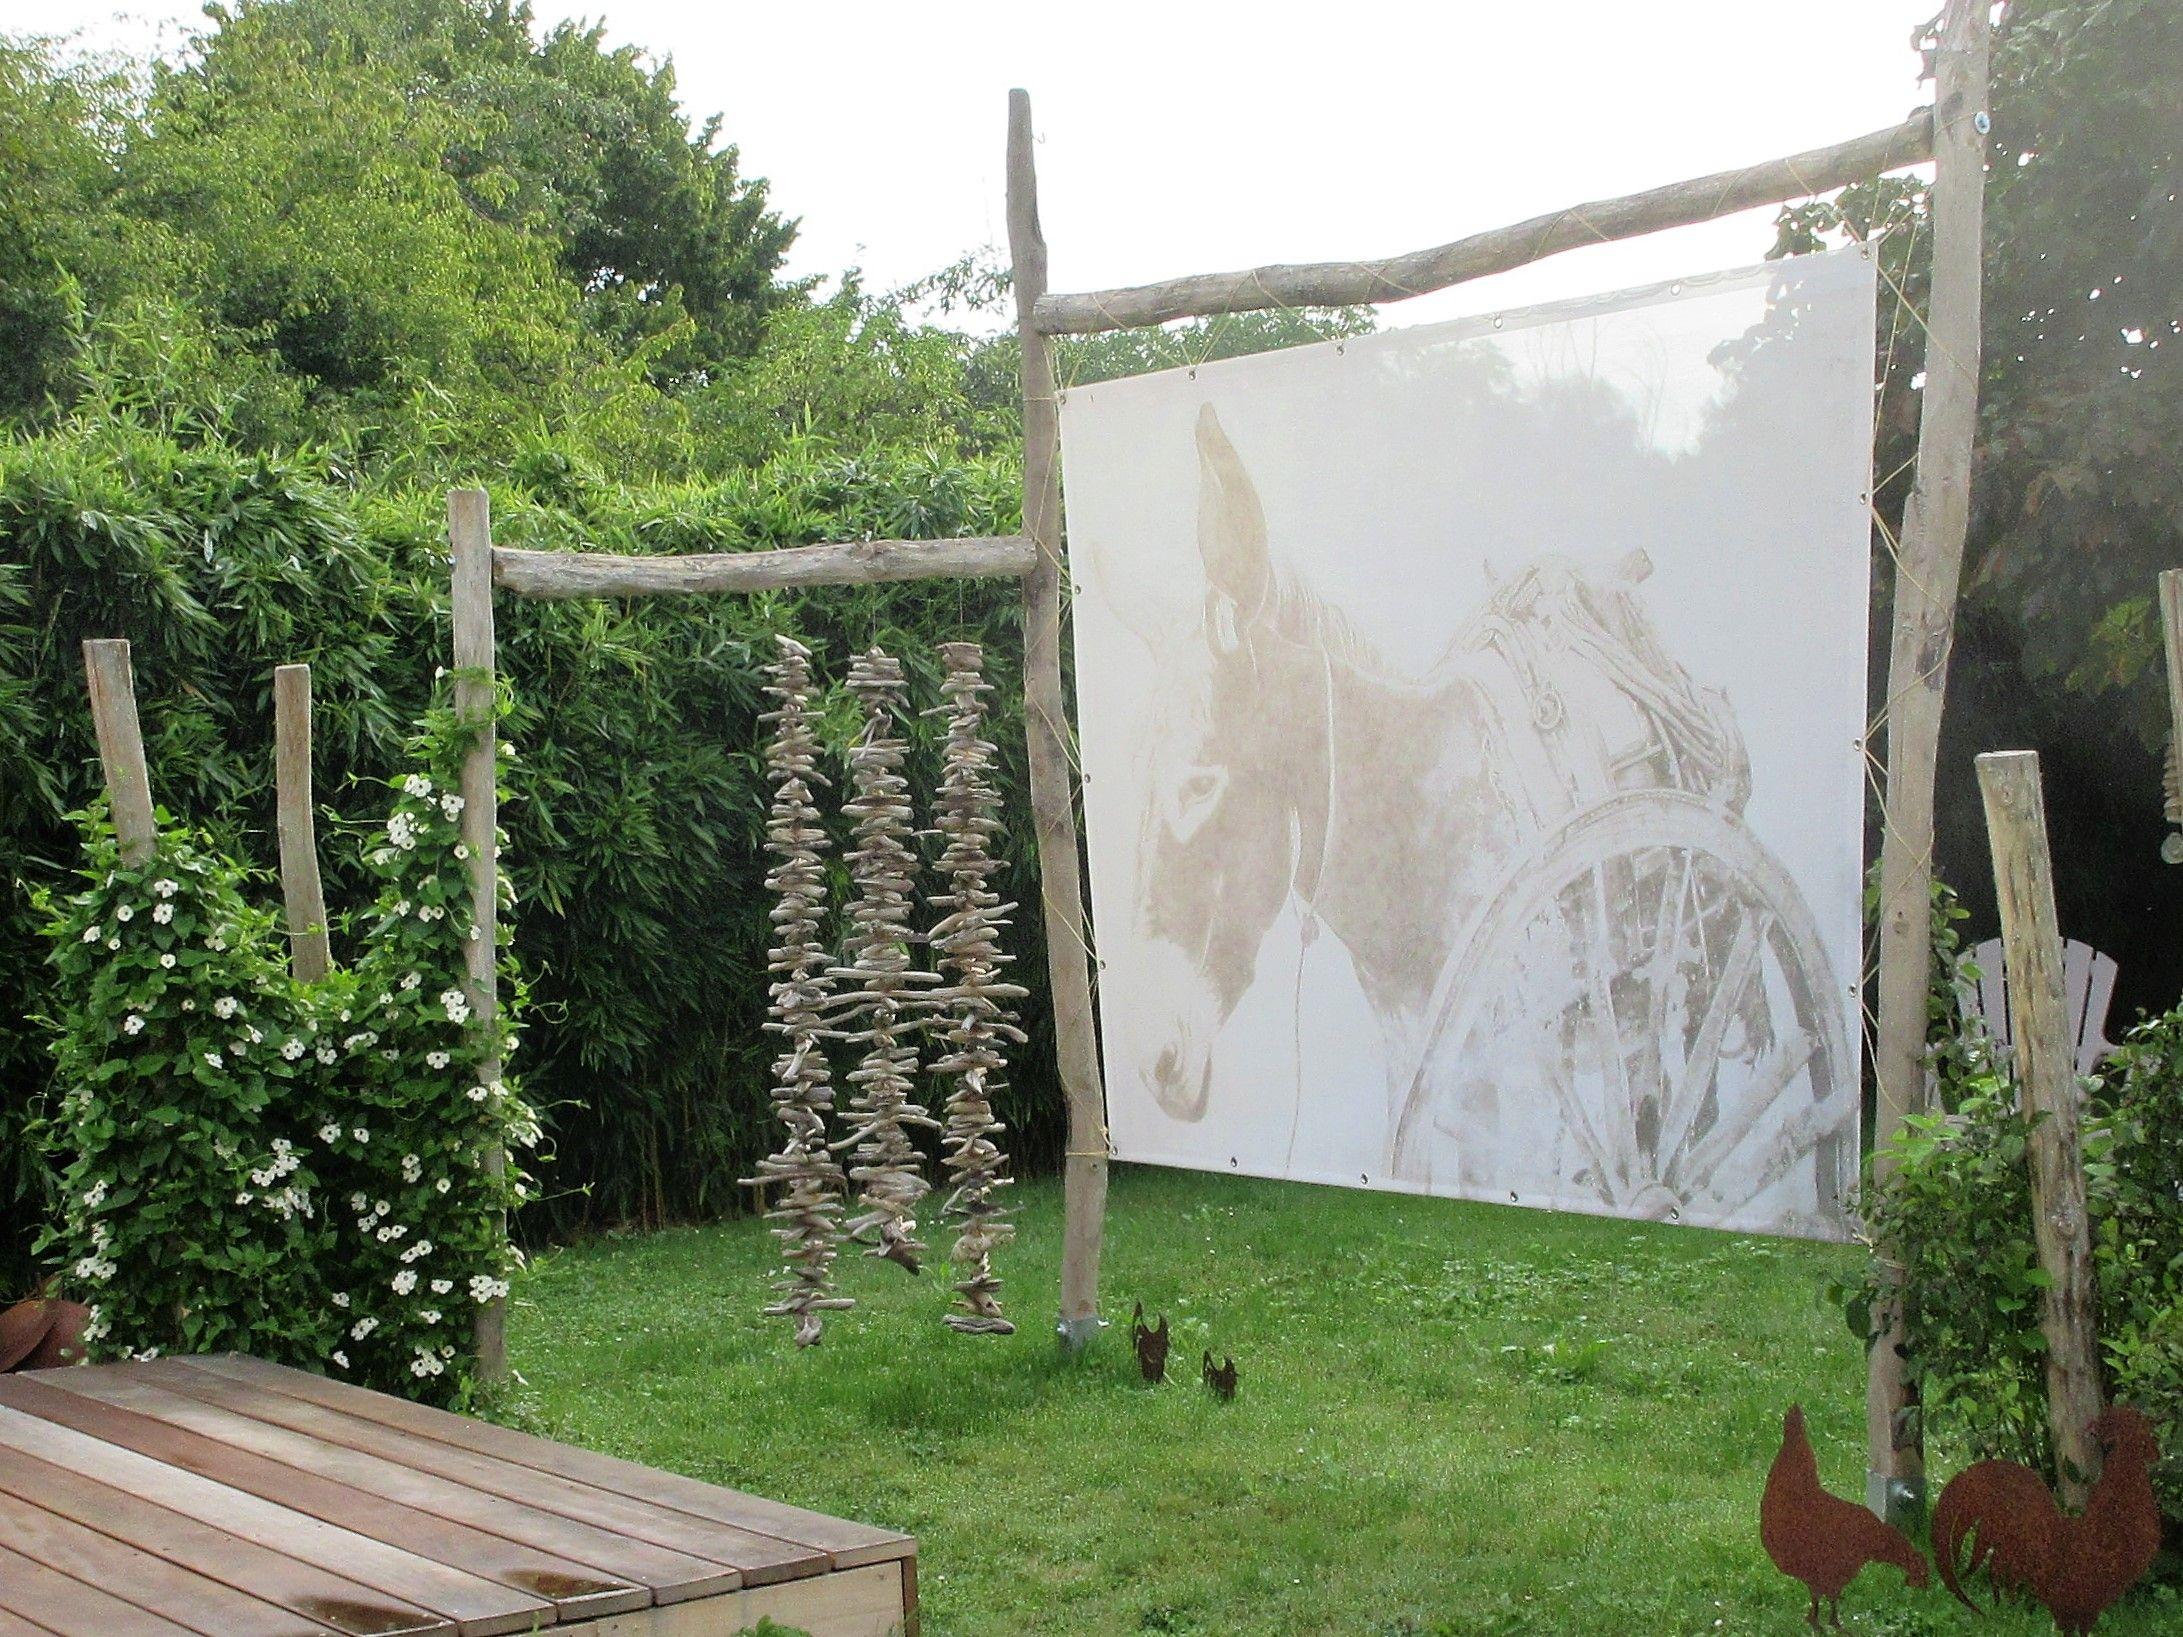 Sichtschutz Blache In Kombination Von Schwemmholz Marion Like Com Garten Garten Gestalten Haus Und Garten